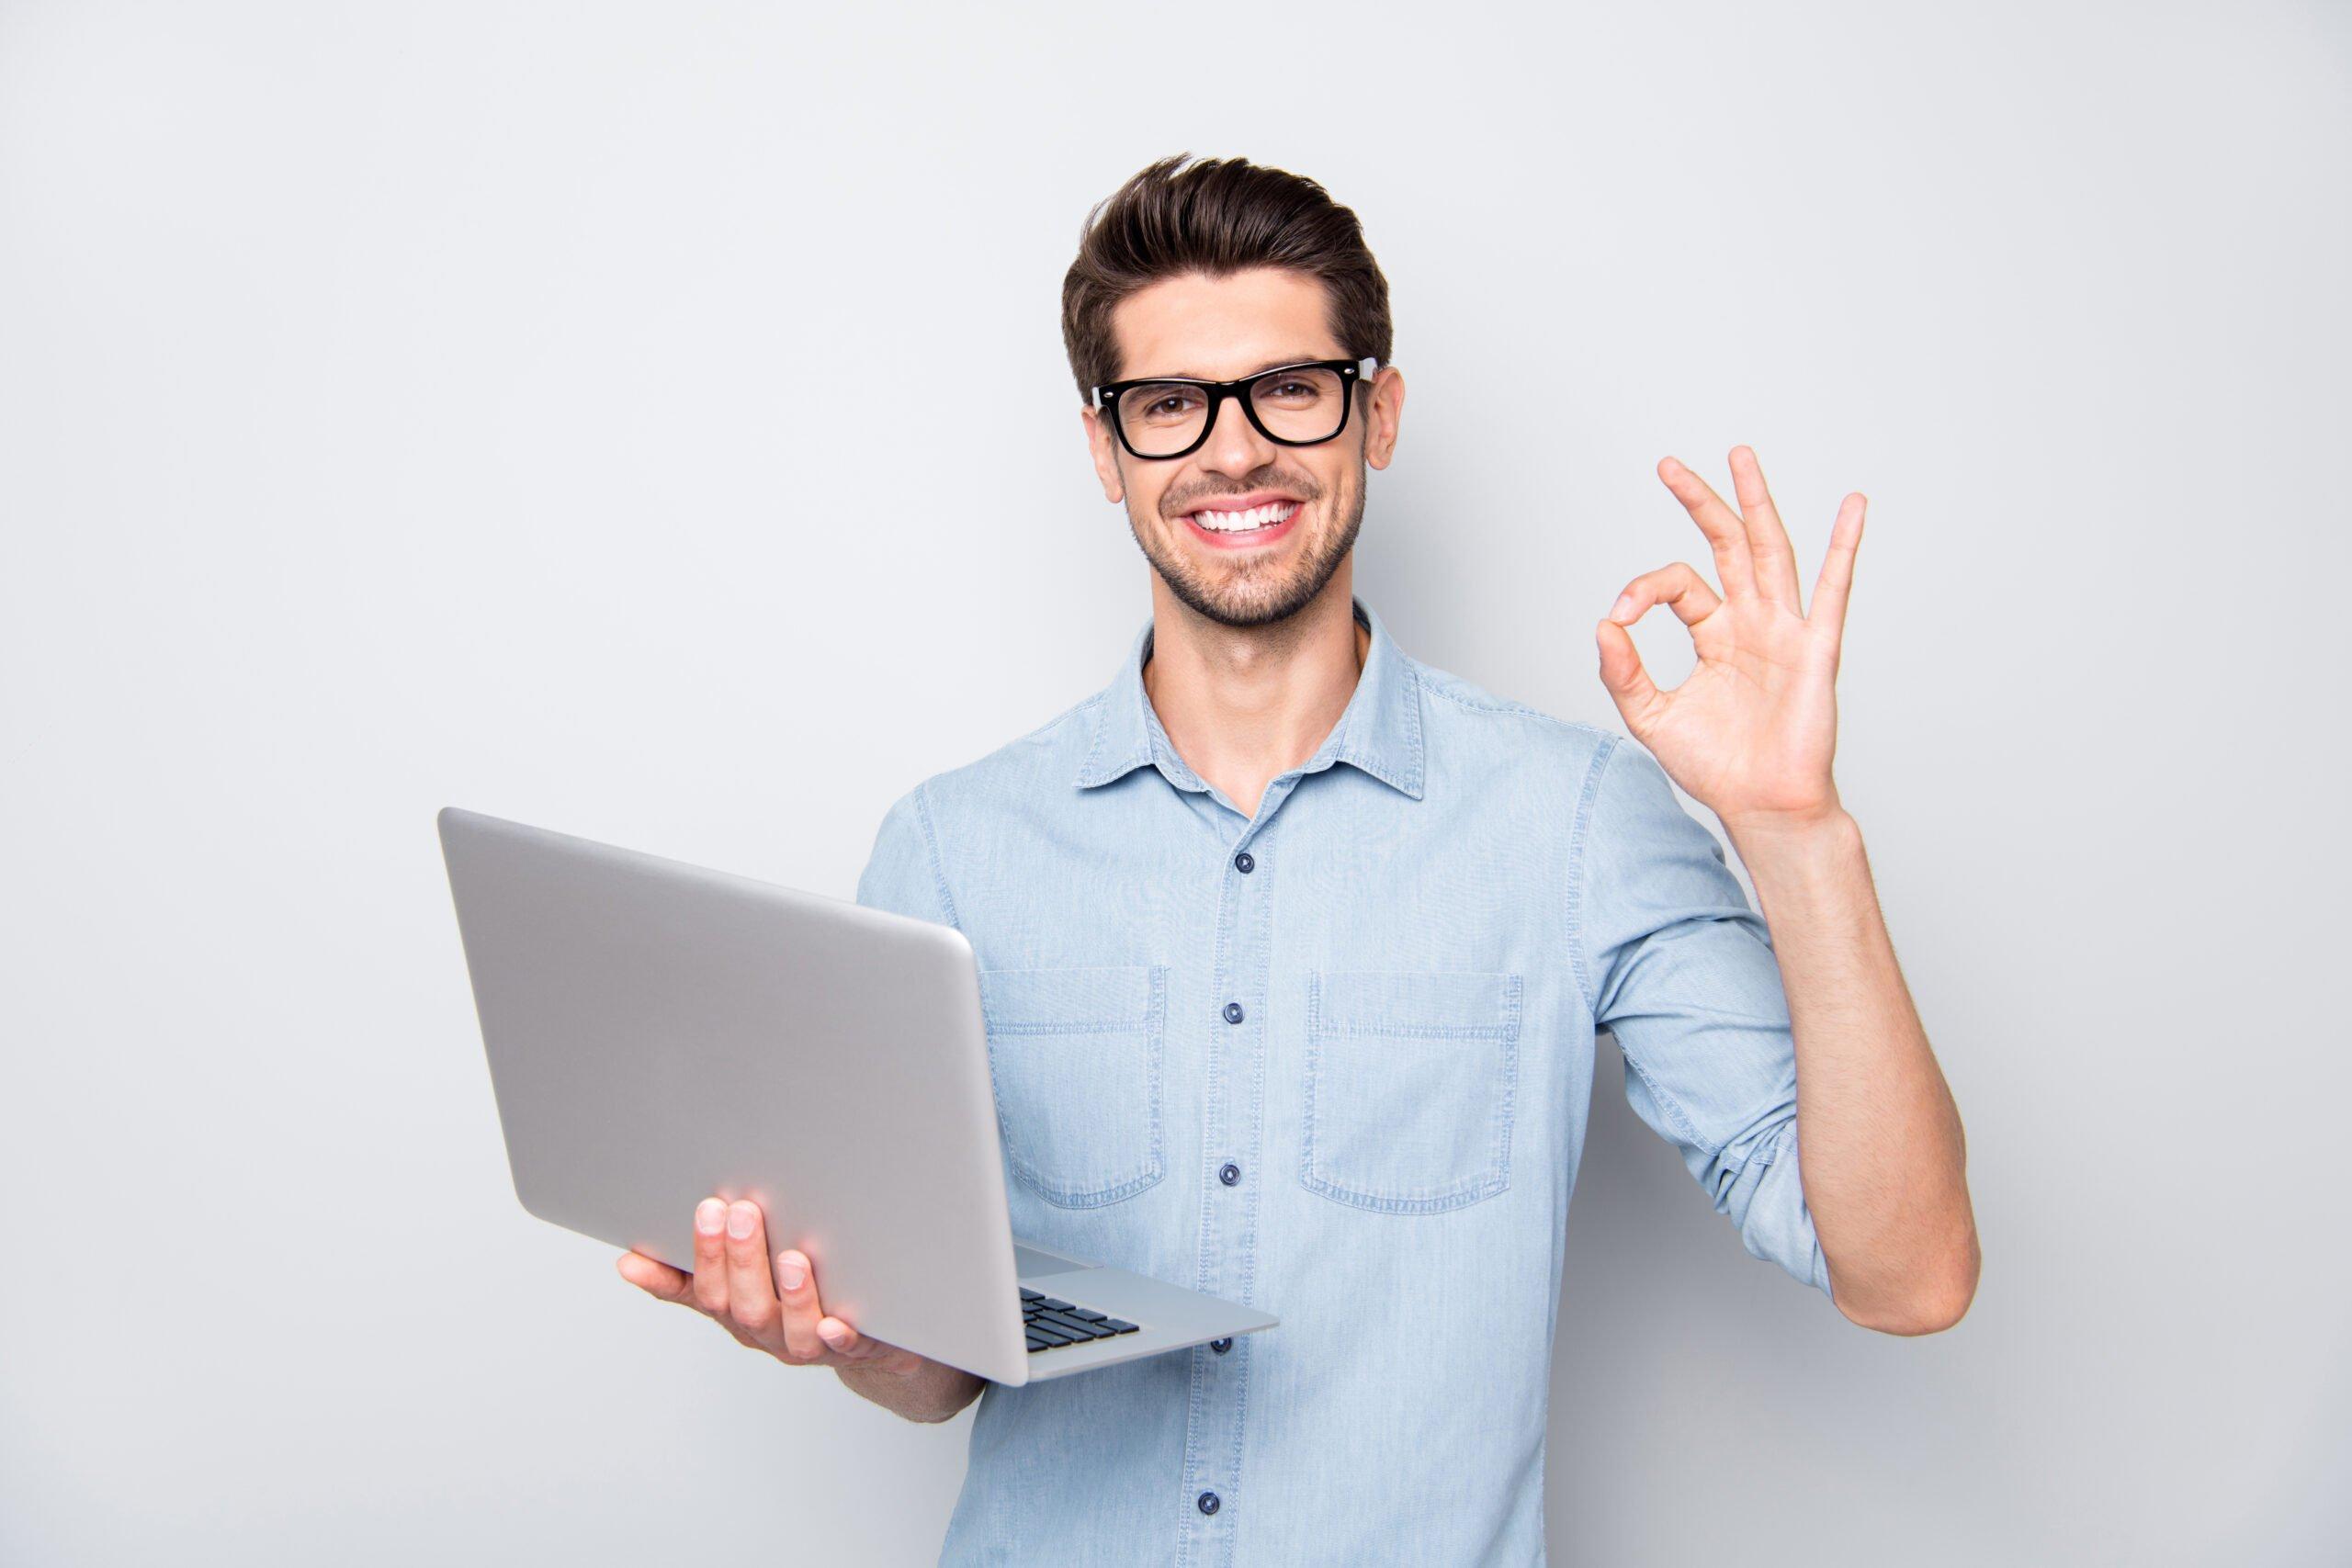 7 Ways To Find The Best Deals Online 5